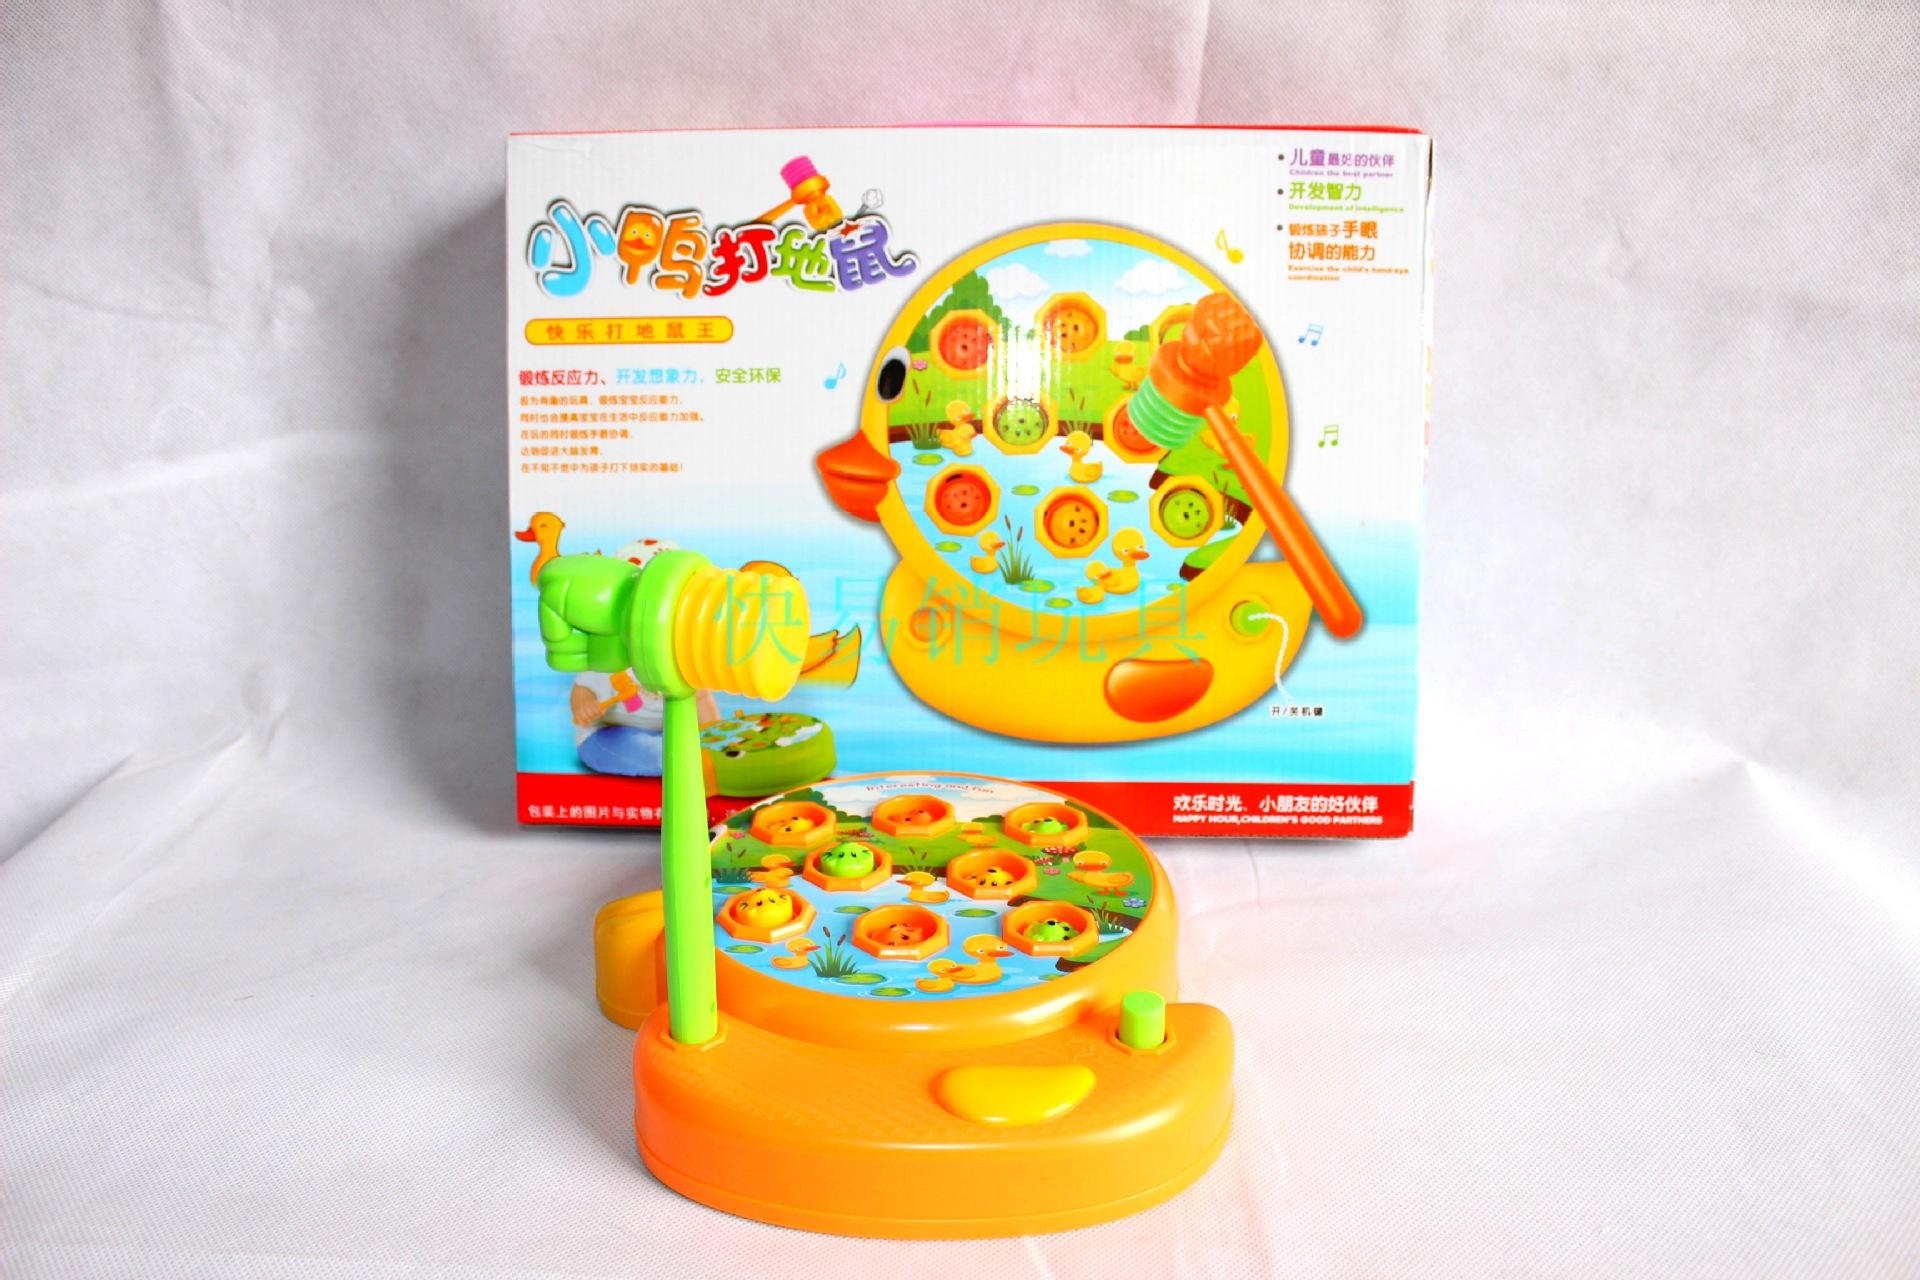 2014年款玩具021小鸭打地鼠盒装